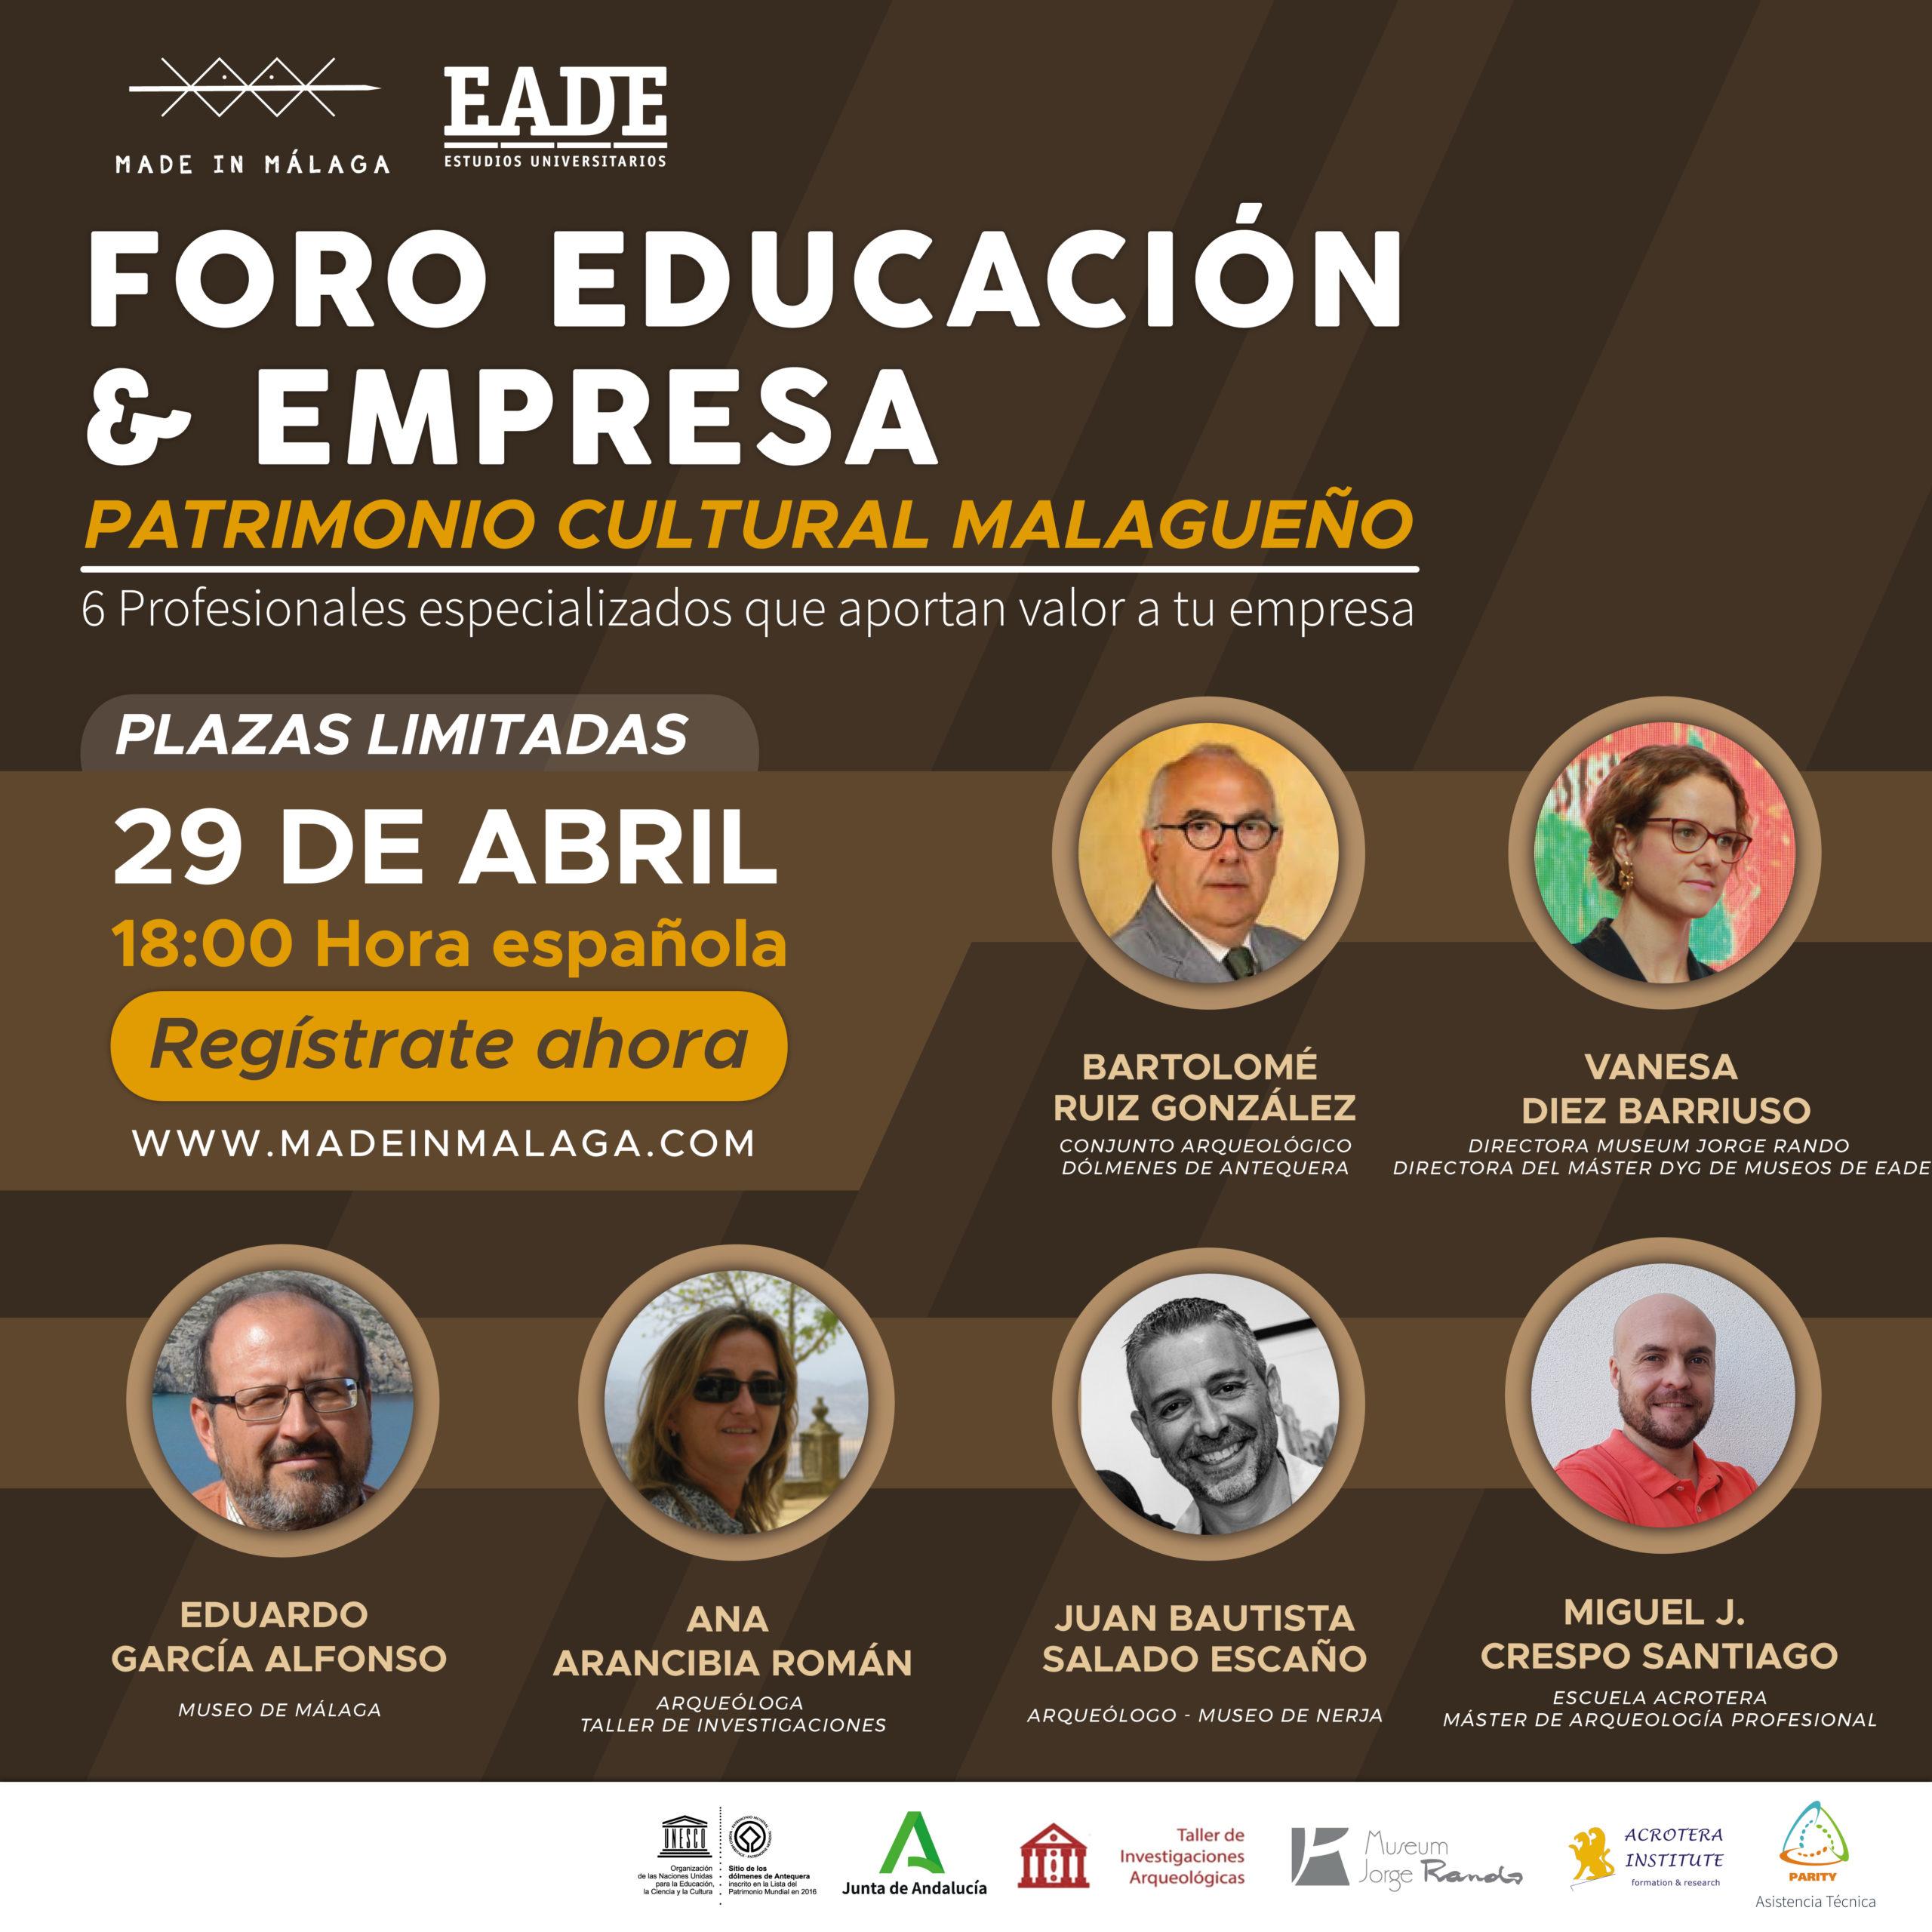 Patrimonio Cultural Malagueño en el Foro Educación Empresa